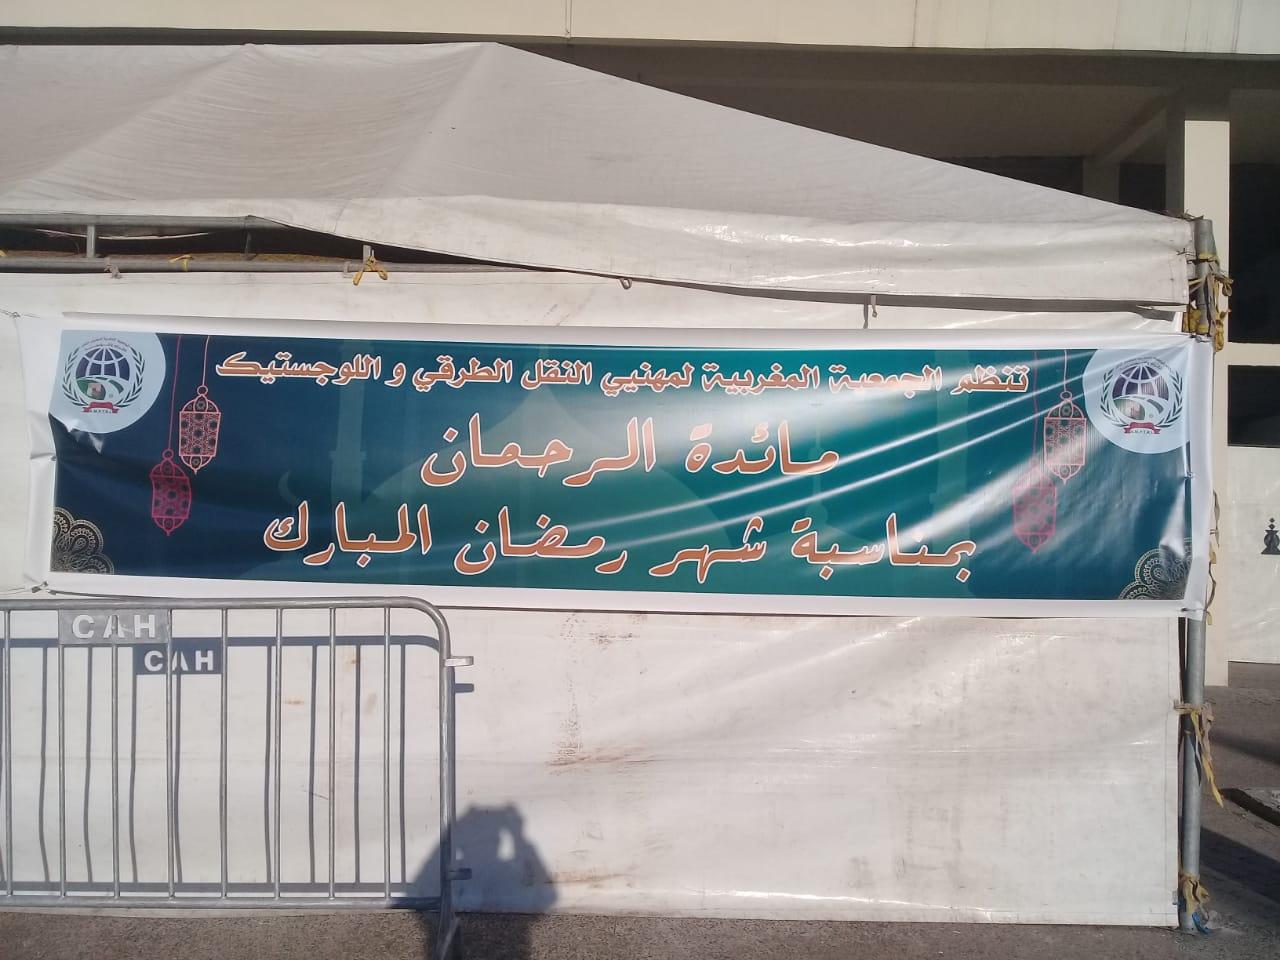 الجمعية المغربية لمهنيي النقل الطرقي و اللوجستيك تنظم مائدة الرحمان للإفطار الجماعي بعين حرودة